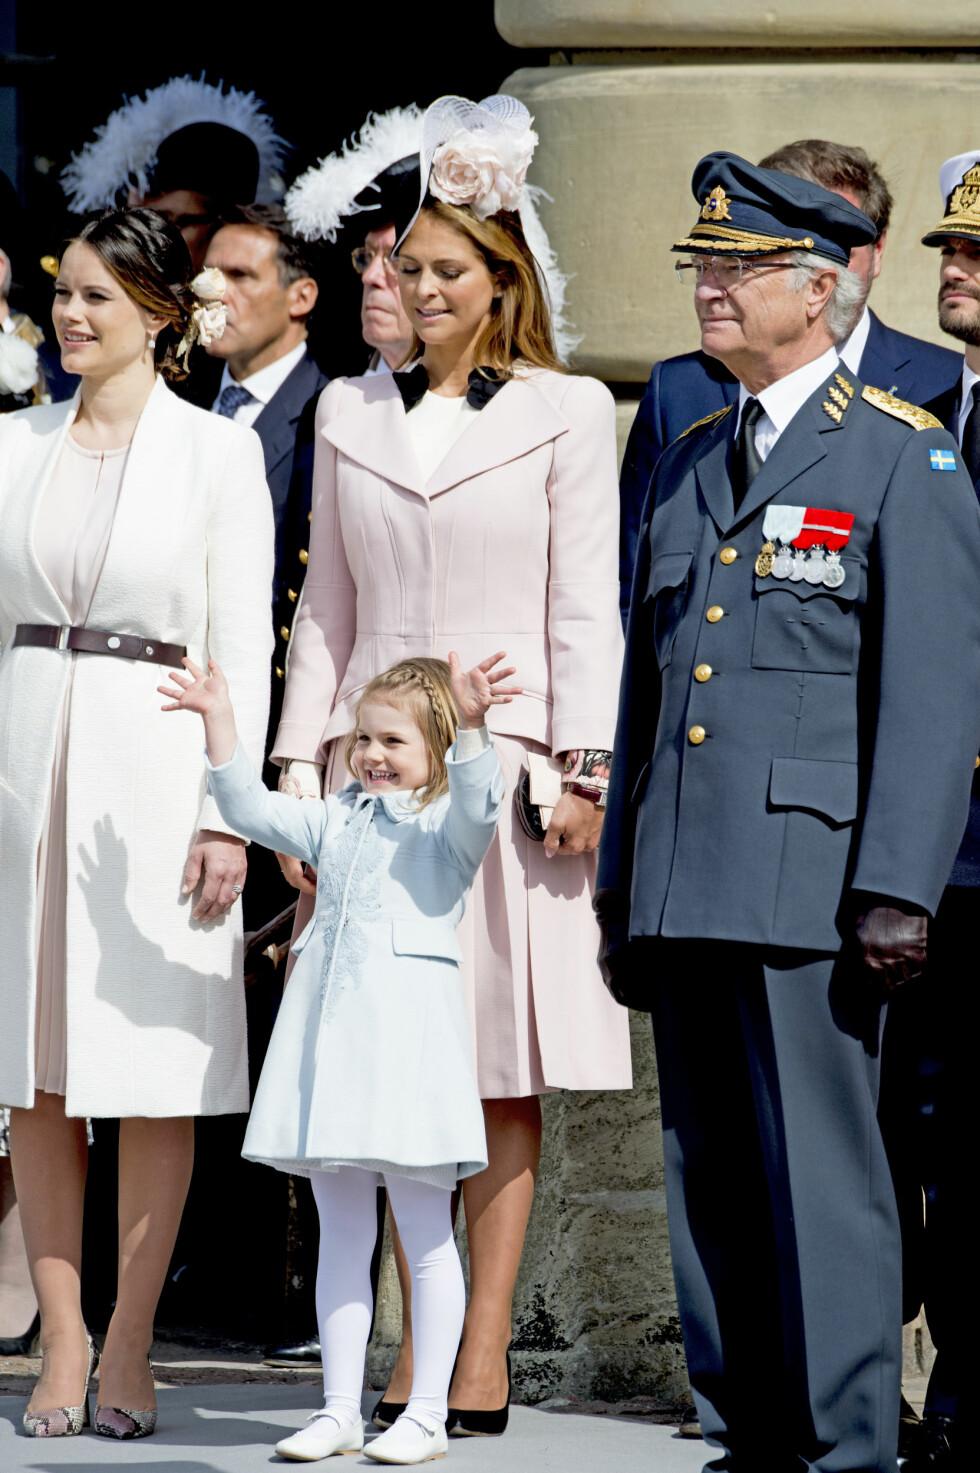 FIKK ALL OPPMERKSOMHETEN: Selv om det var bestefars dag, var det prinsesse Estelle som var midtpunktet i feiringen. Foto: Abaca